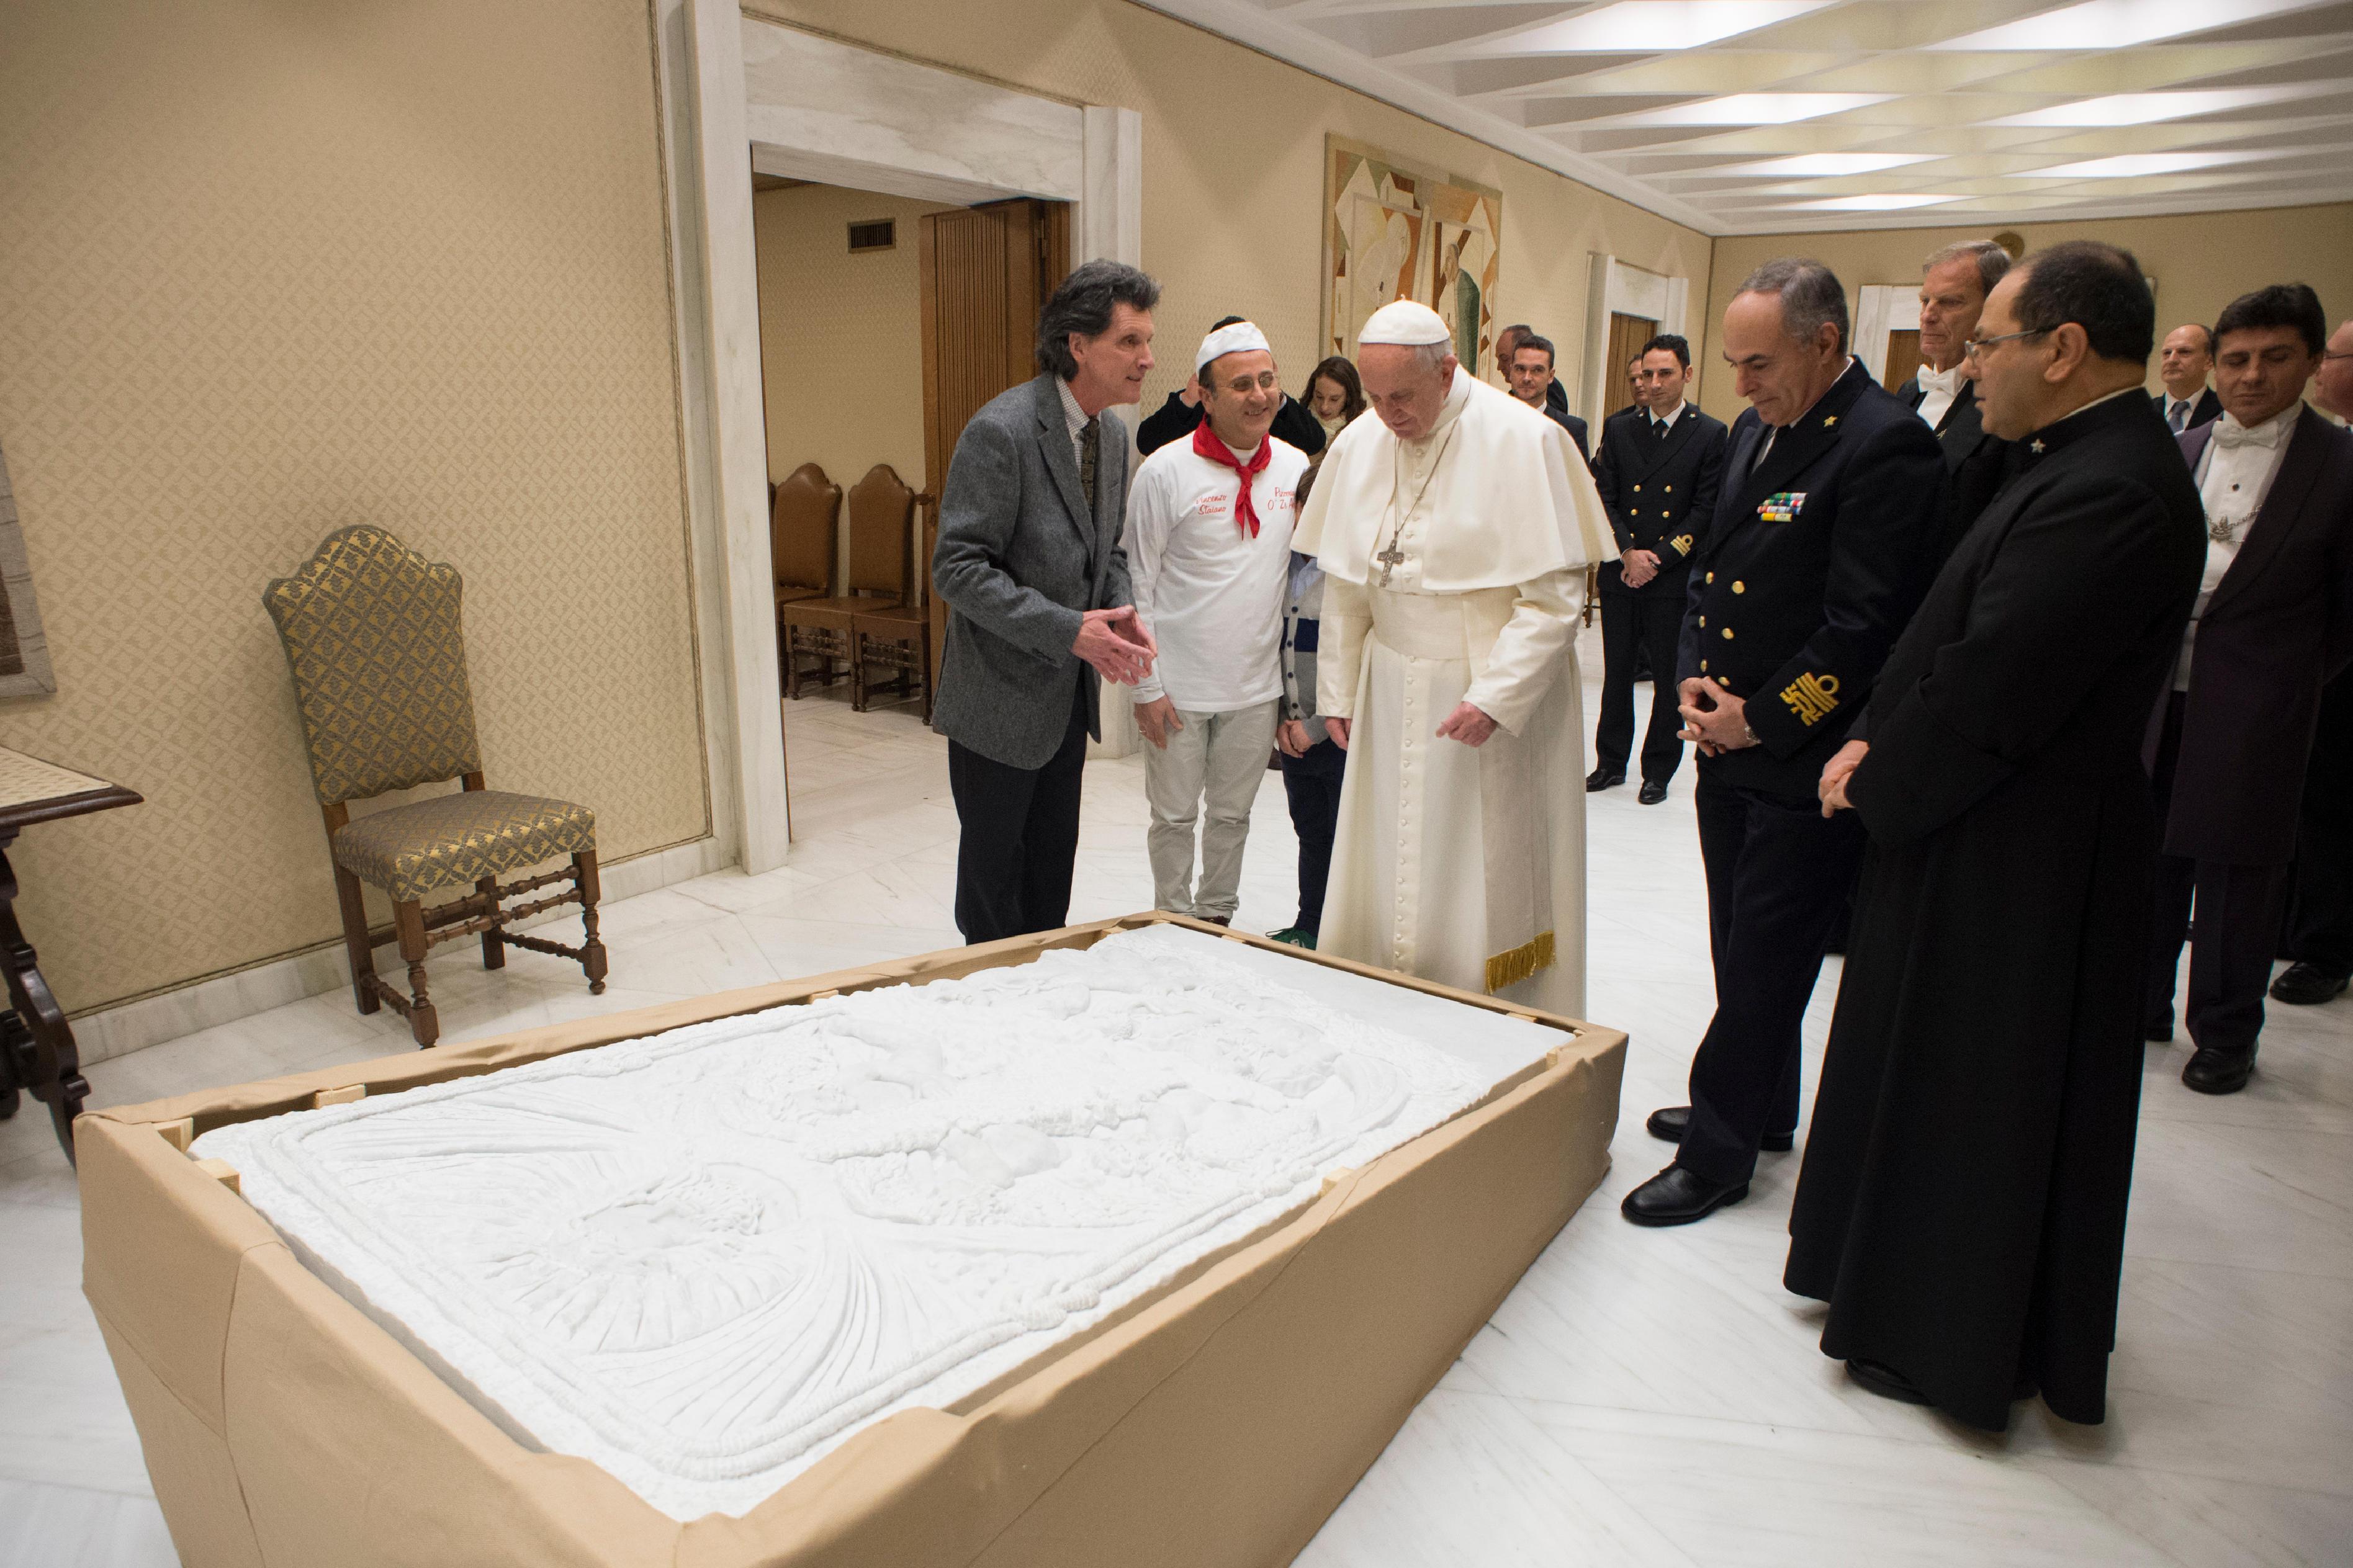 Le pape bénit une sculpture pour les migrants de Lampedusa © L'Osservatore Romano